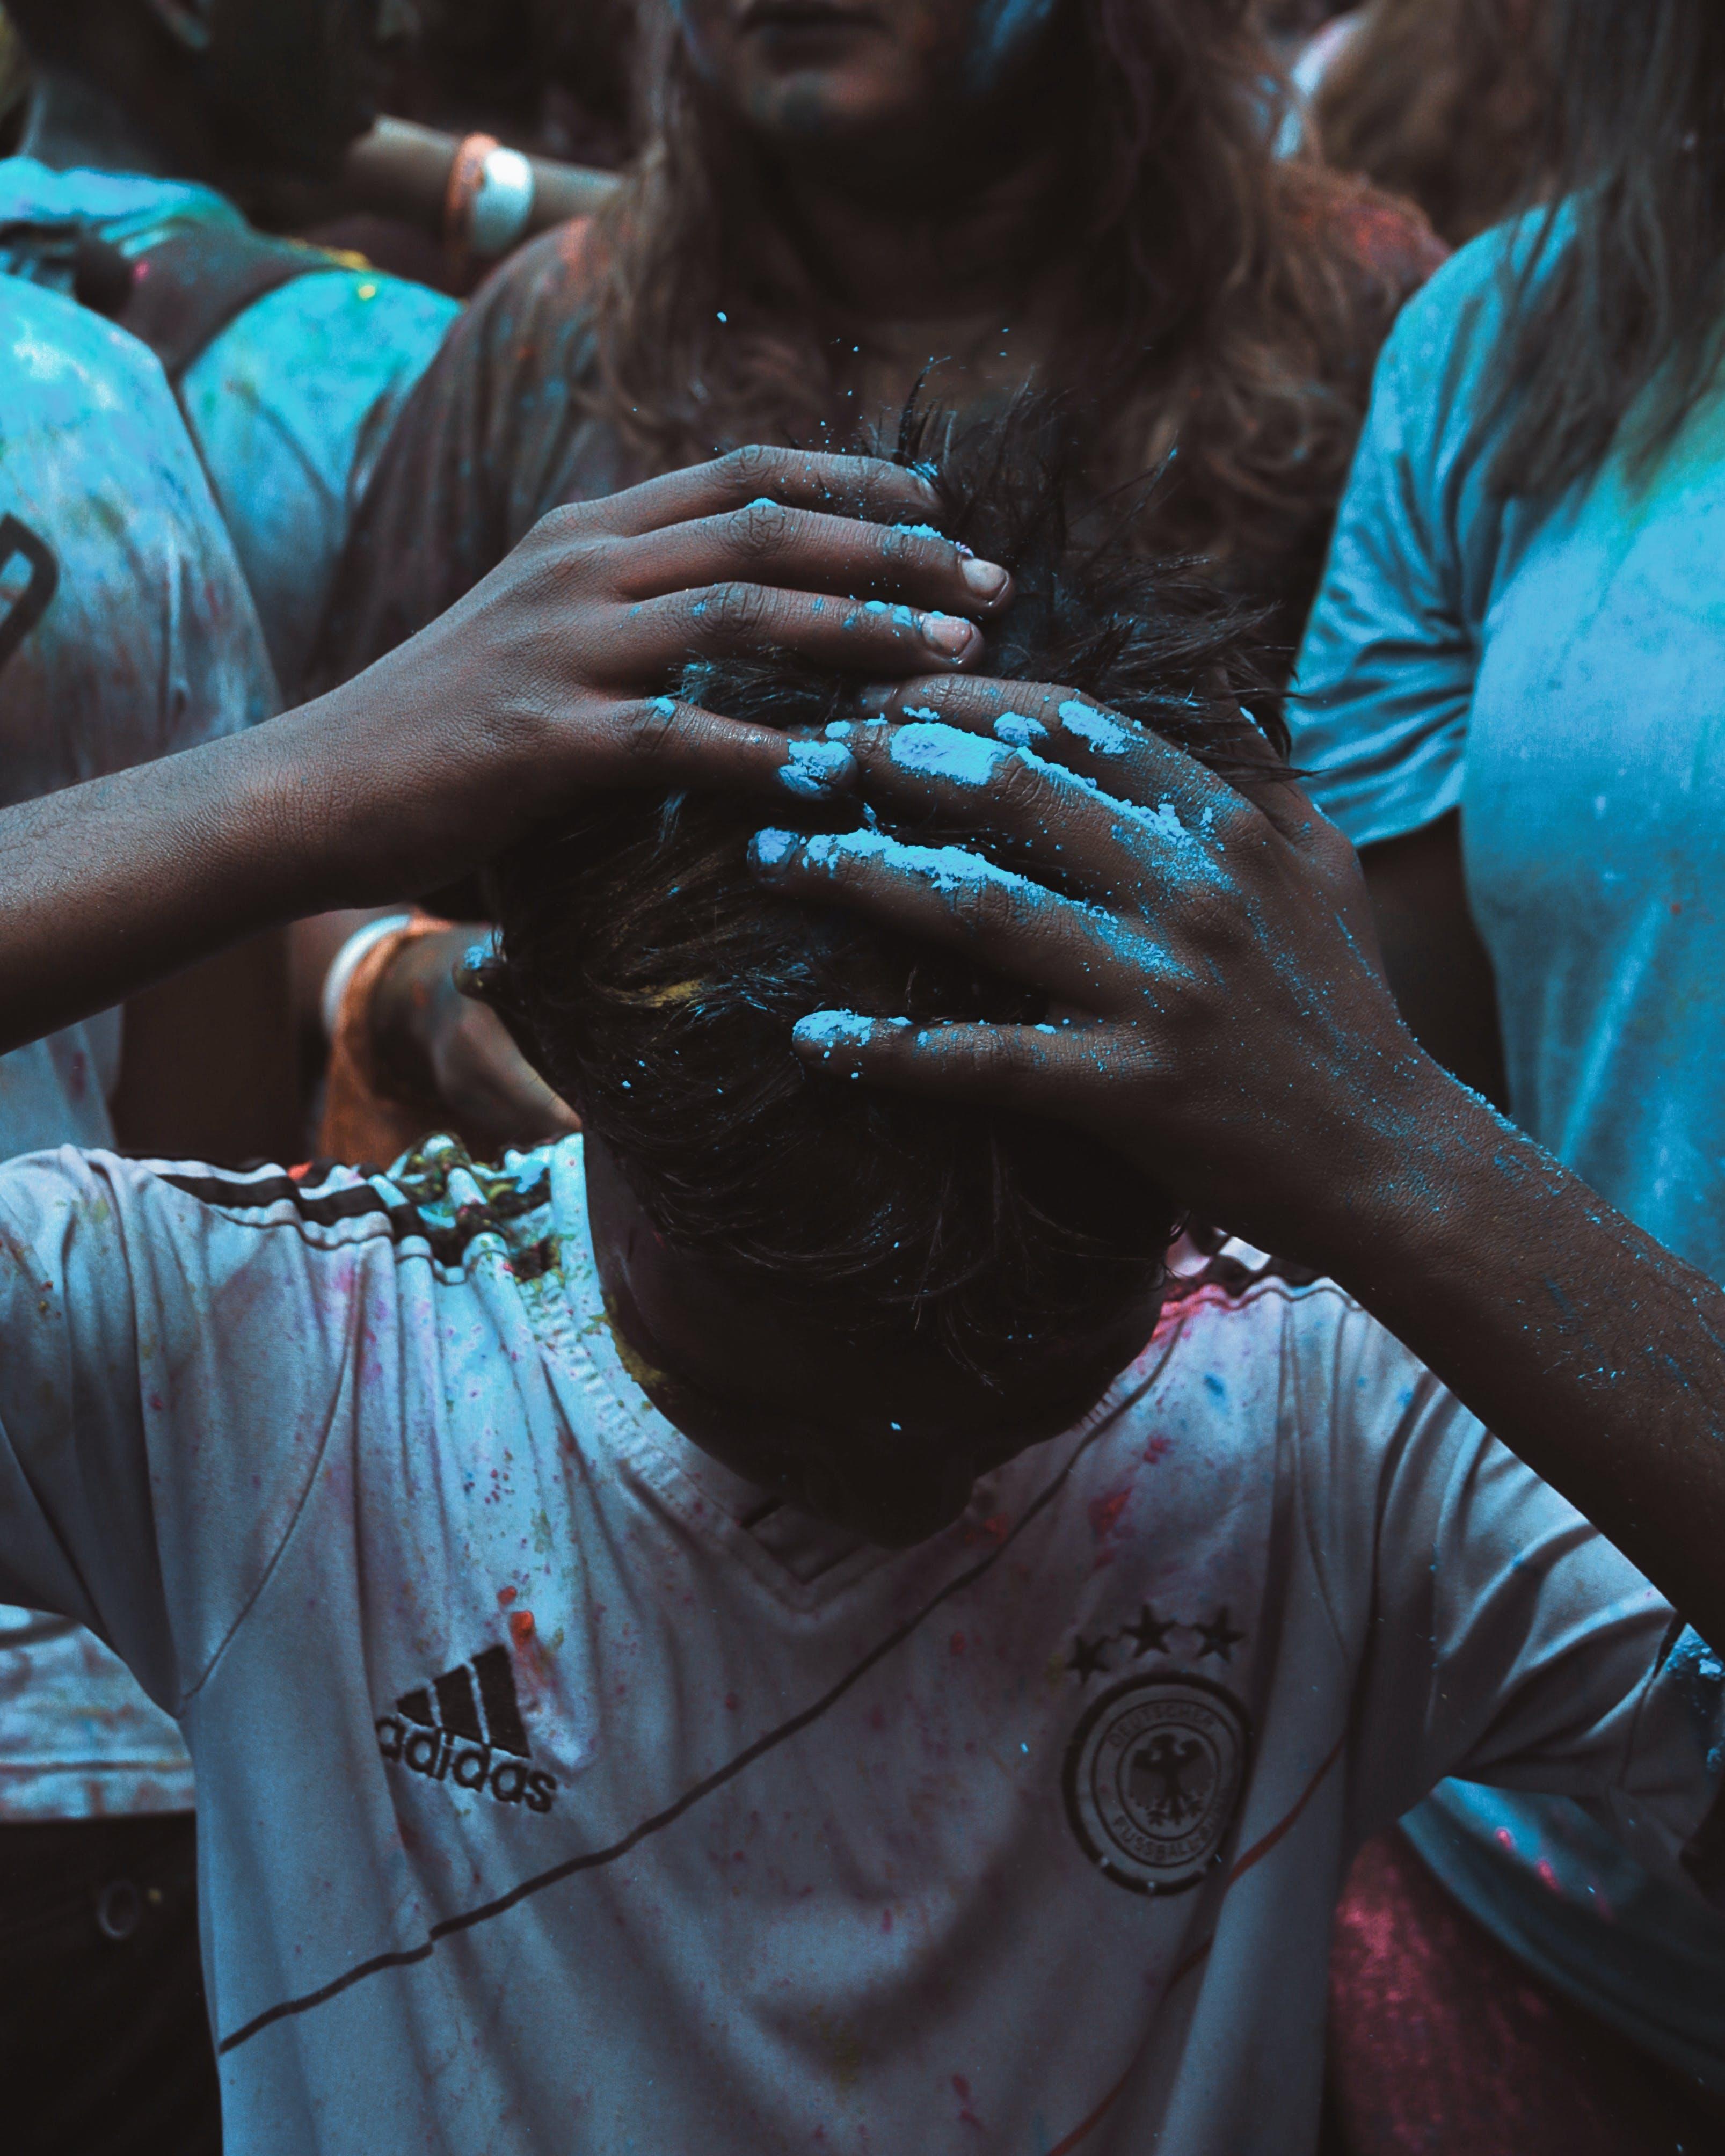 Free stock photo of blue, blue background, blues, celebrate